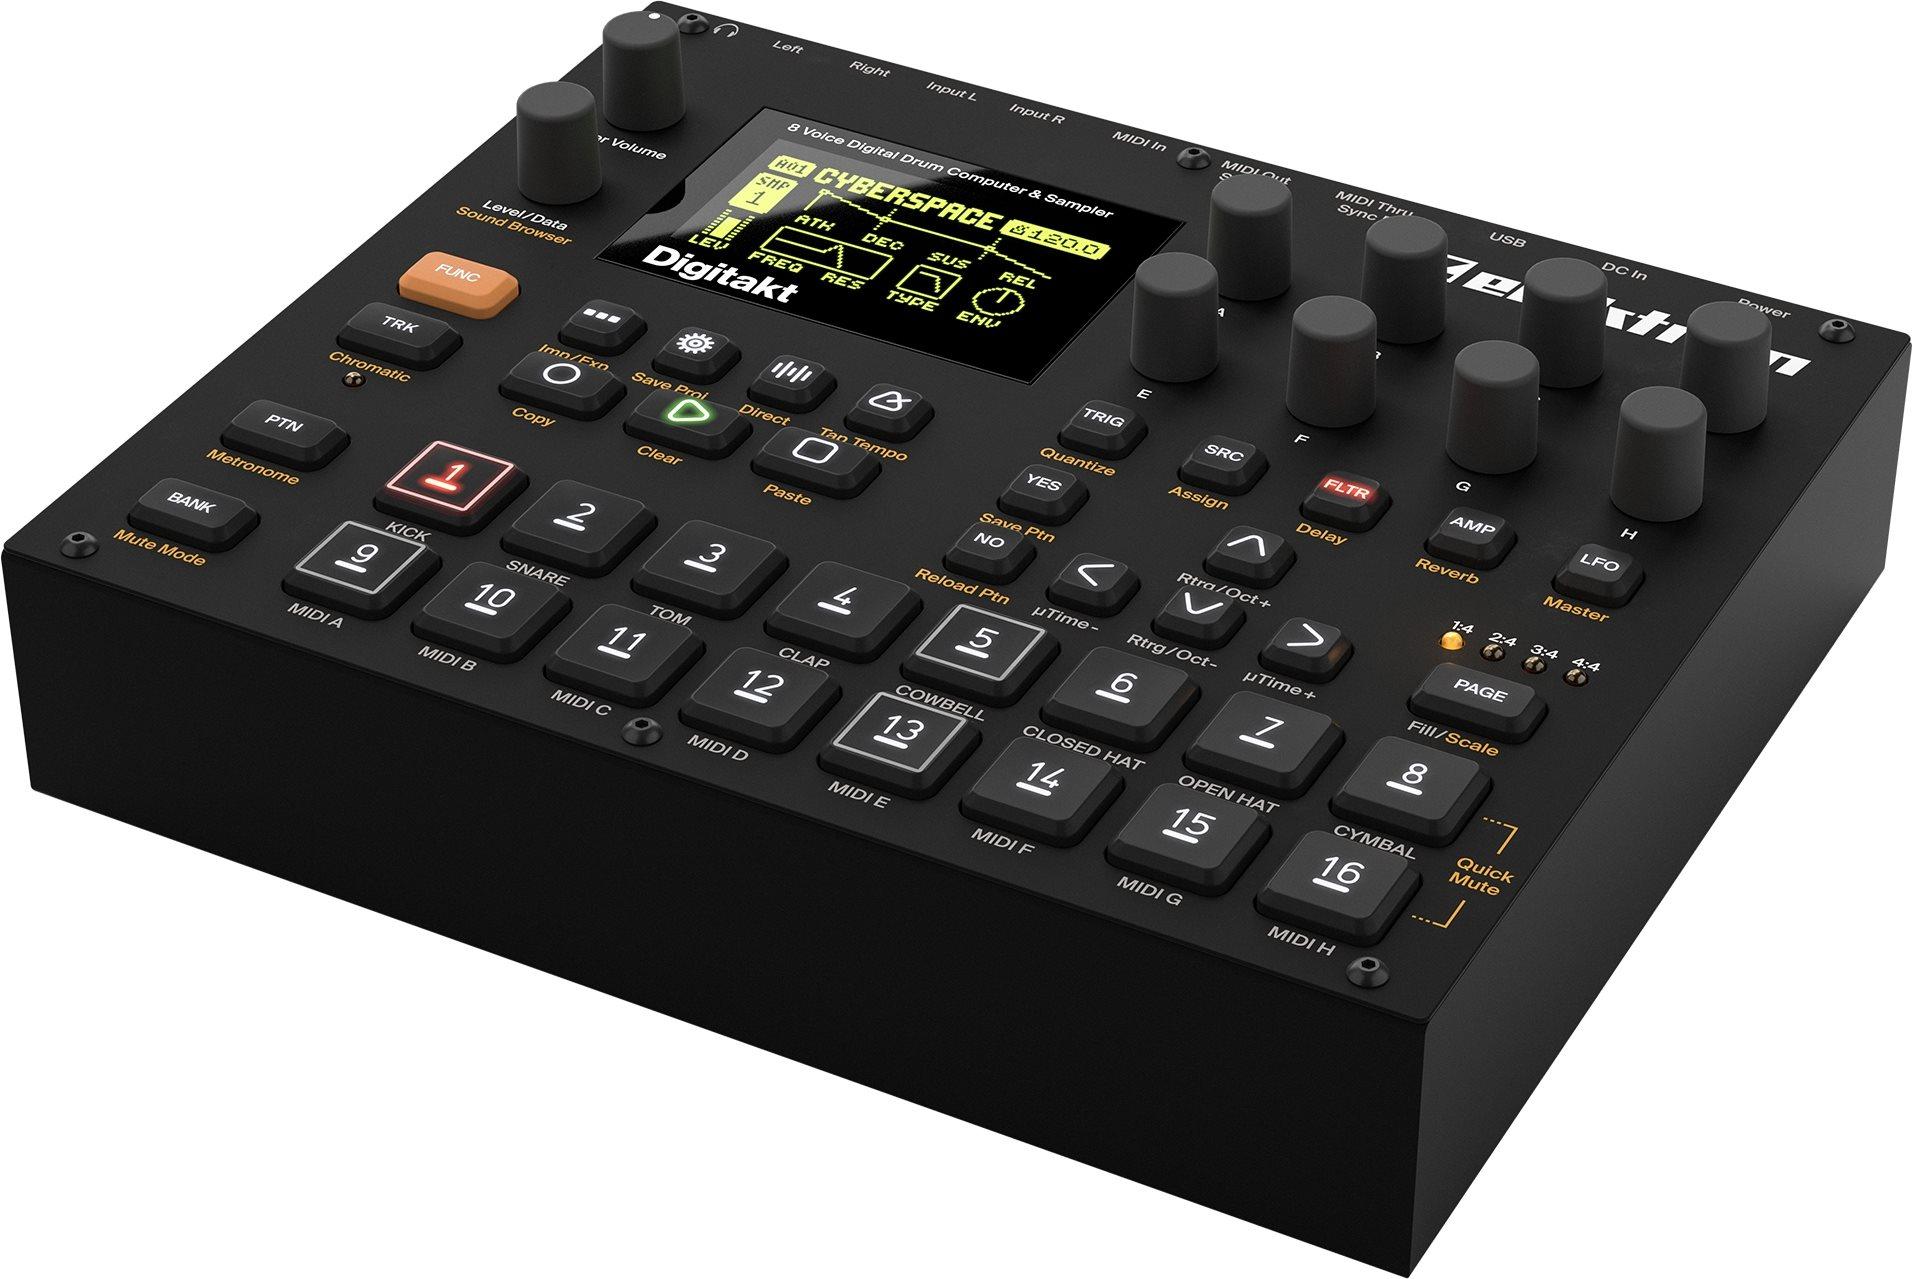 Elektron Digitakt, Drum Computer und Sampler [Musikinstrumente]